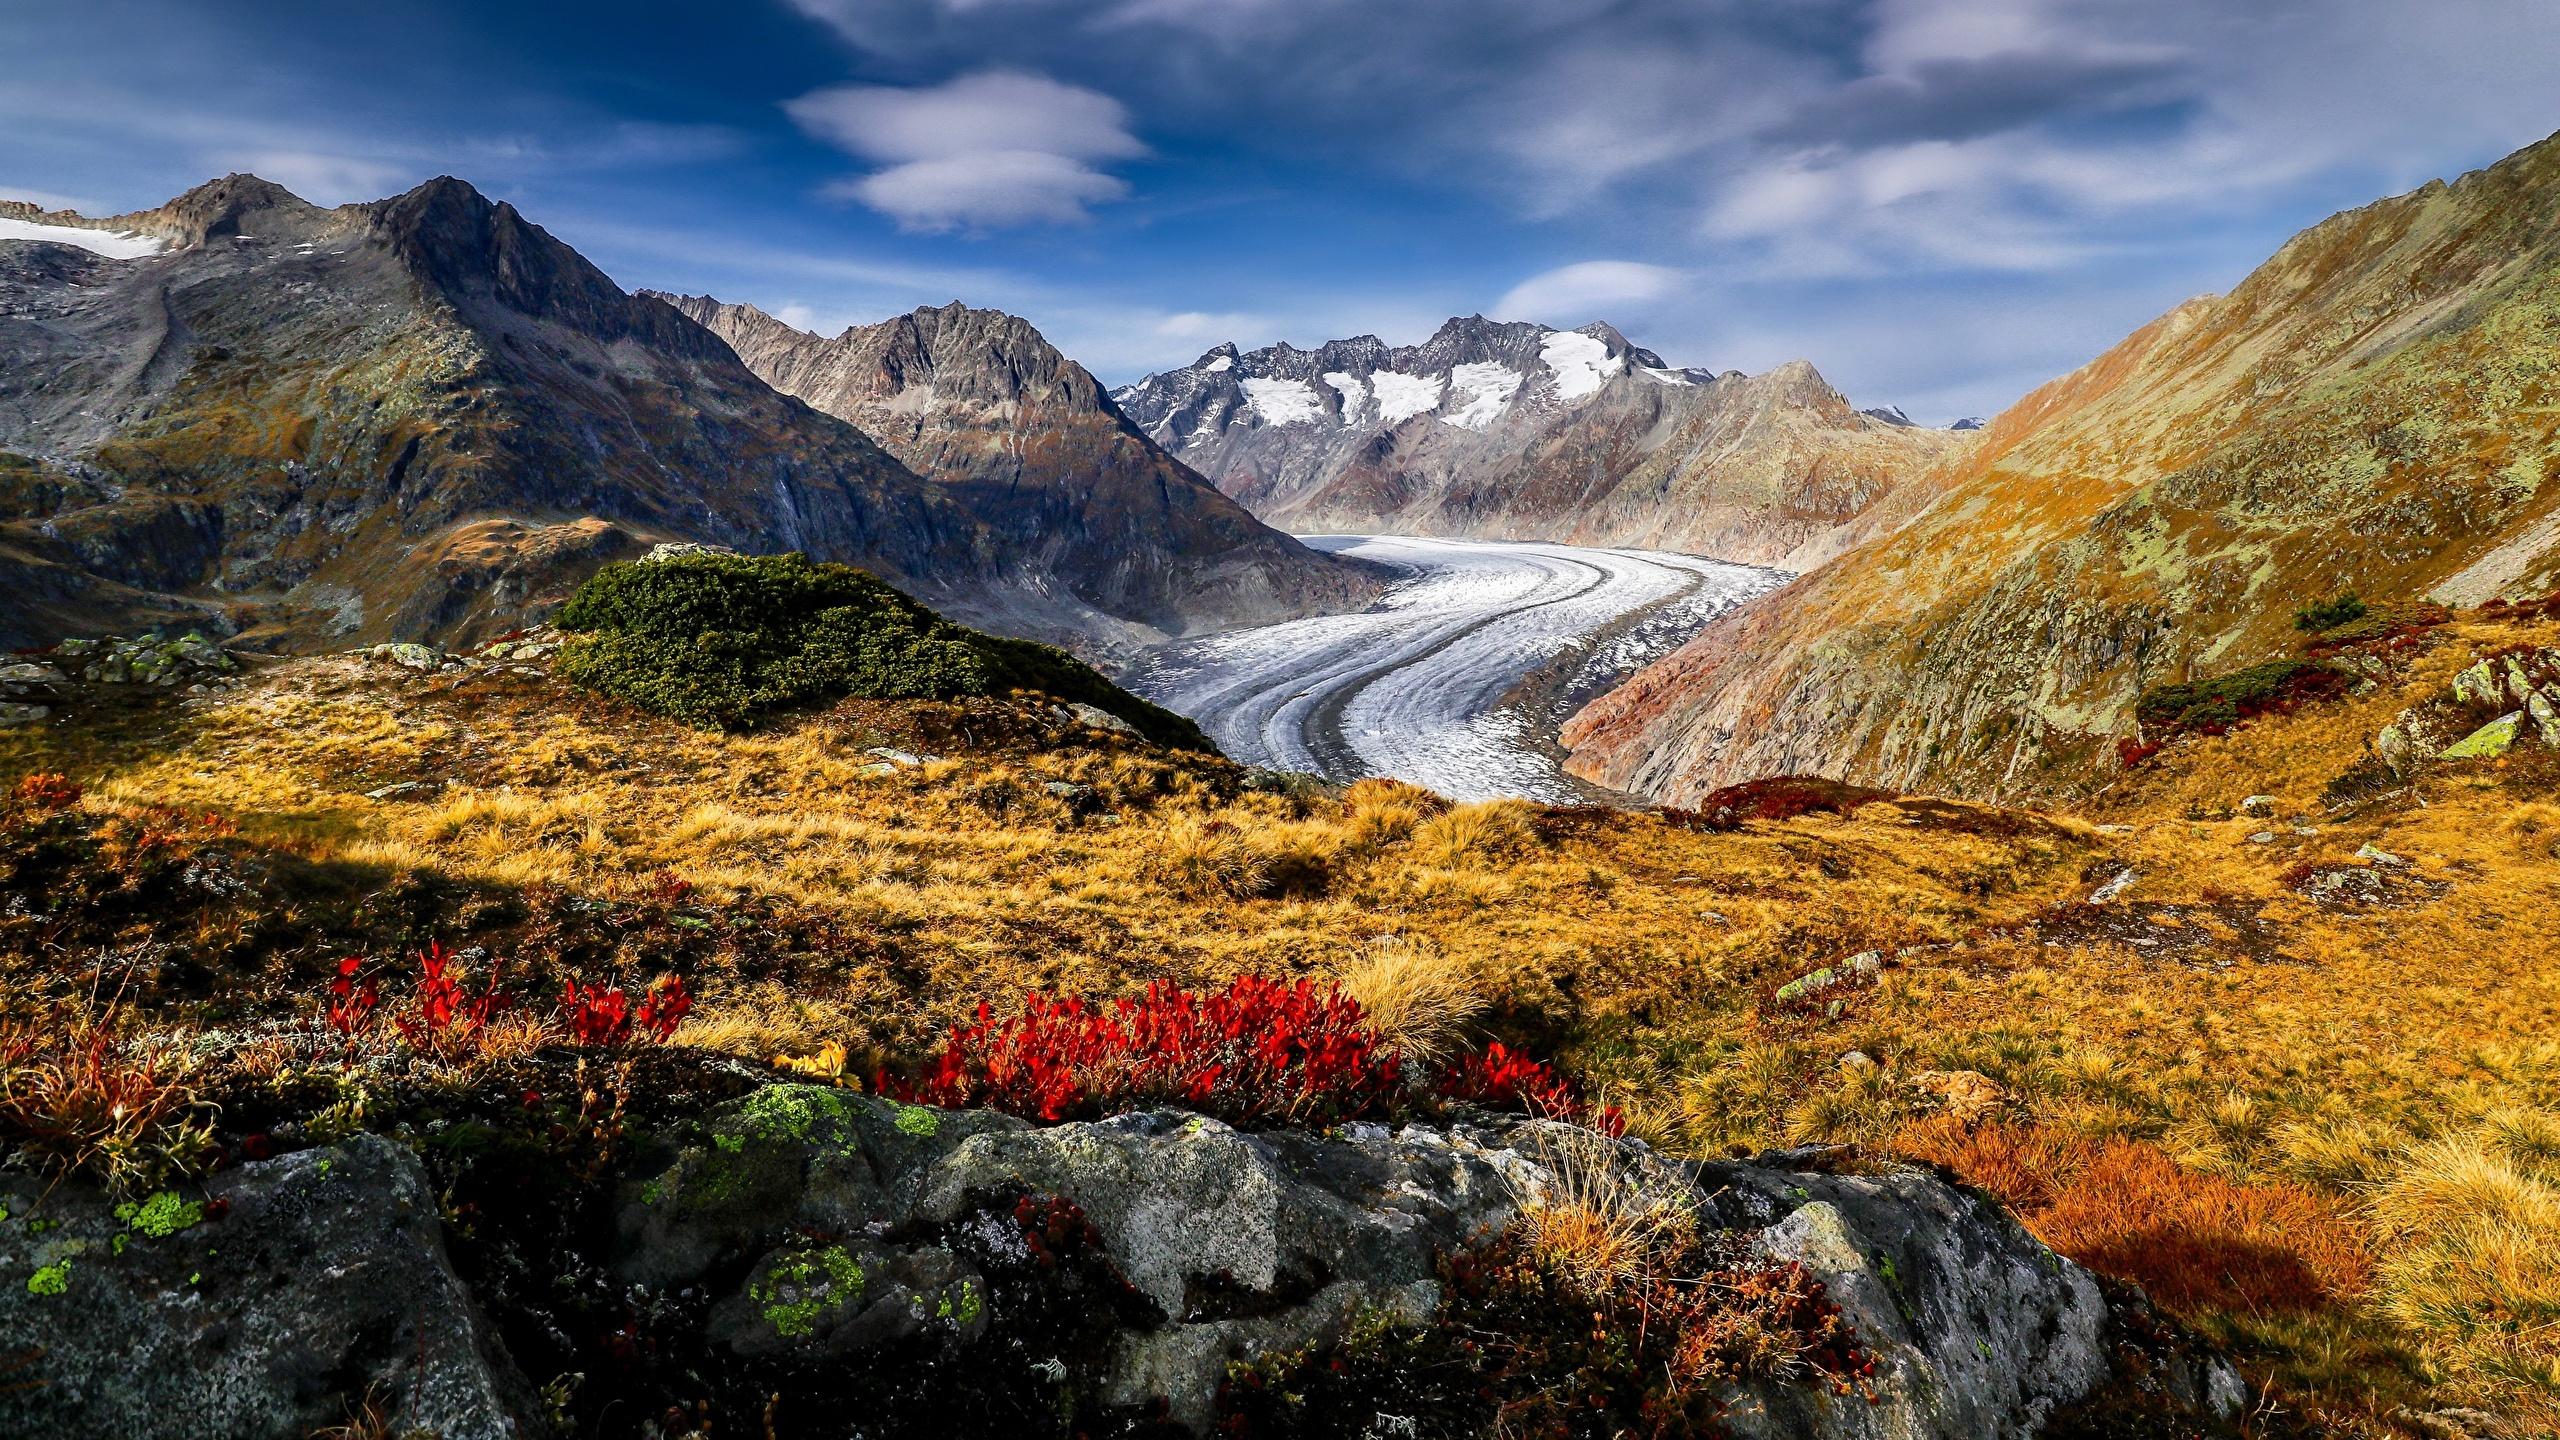 Картинки альп Швейцария Aletsch Glacier Горы Природа 2560x1440 Альпы гора